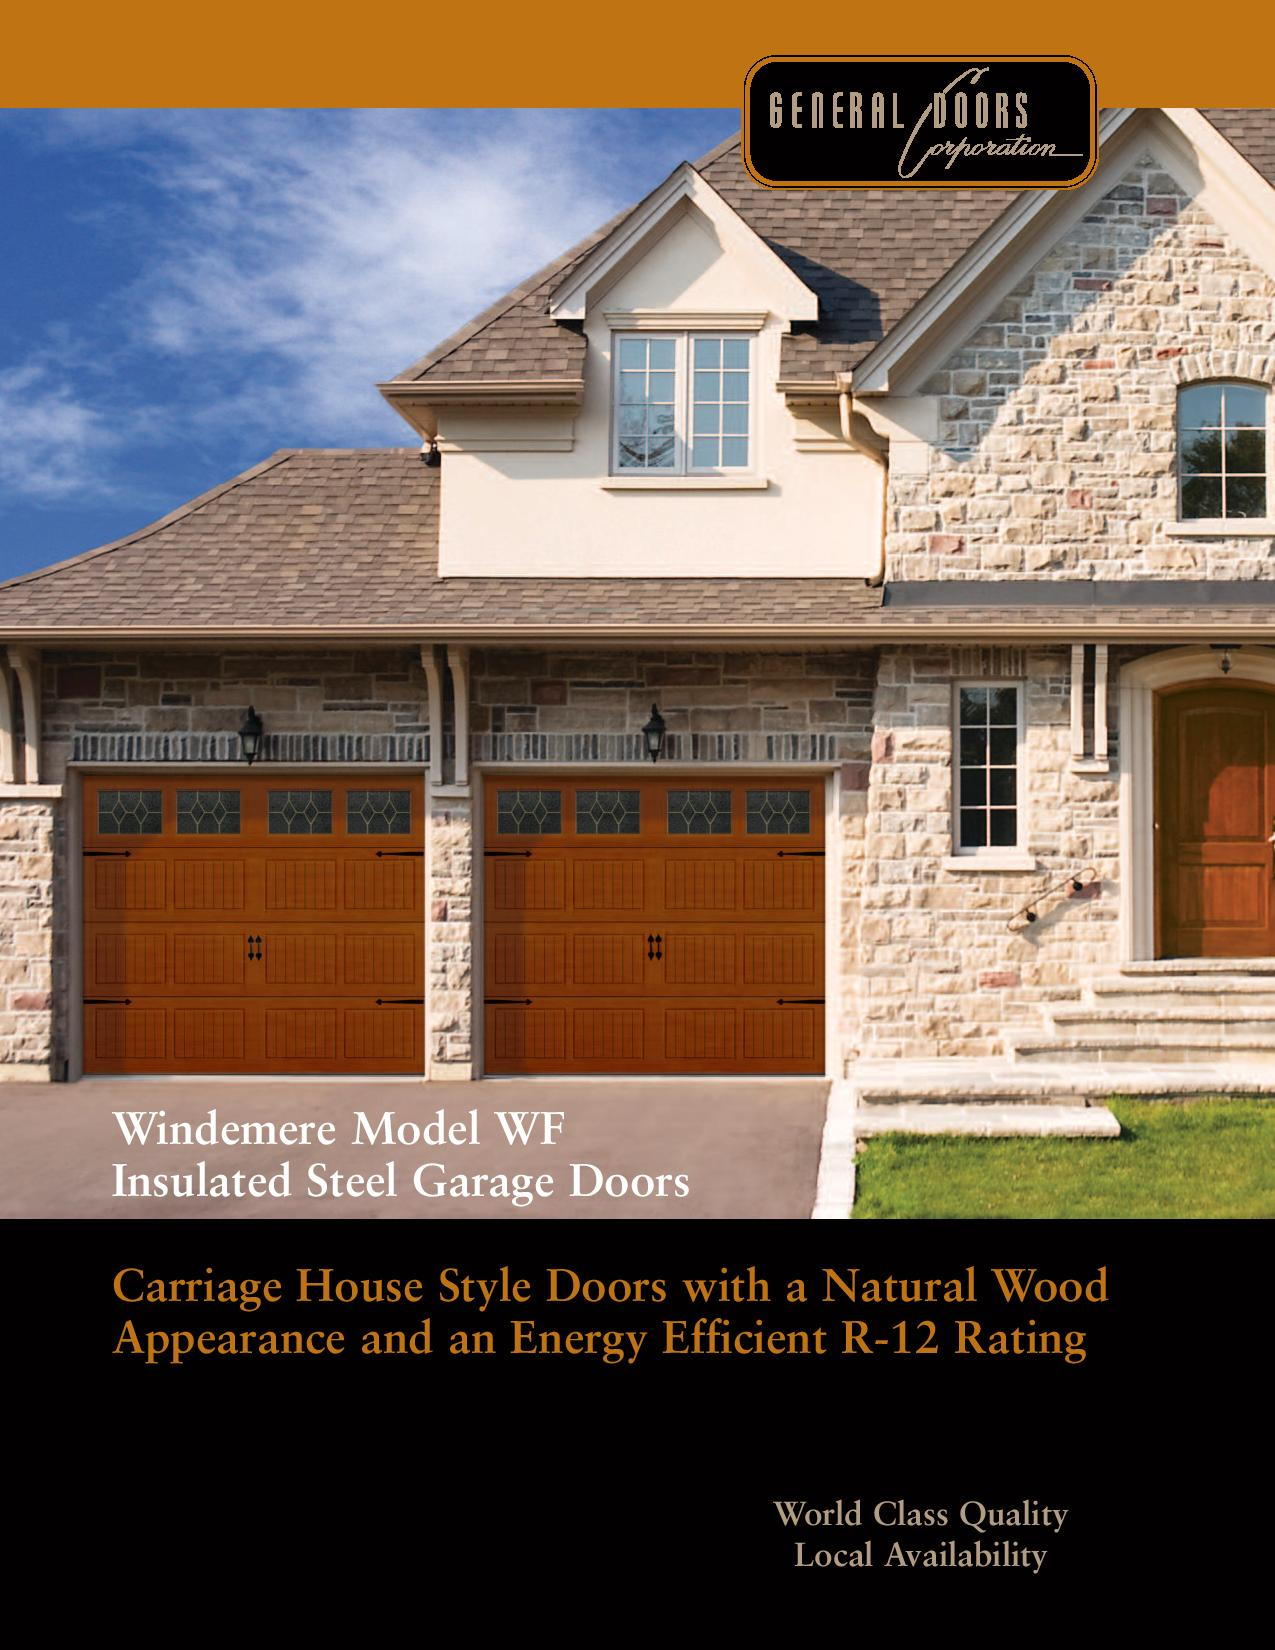 Windemere model wf insulated steel garage doors for Garage door repair cherry hill nj